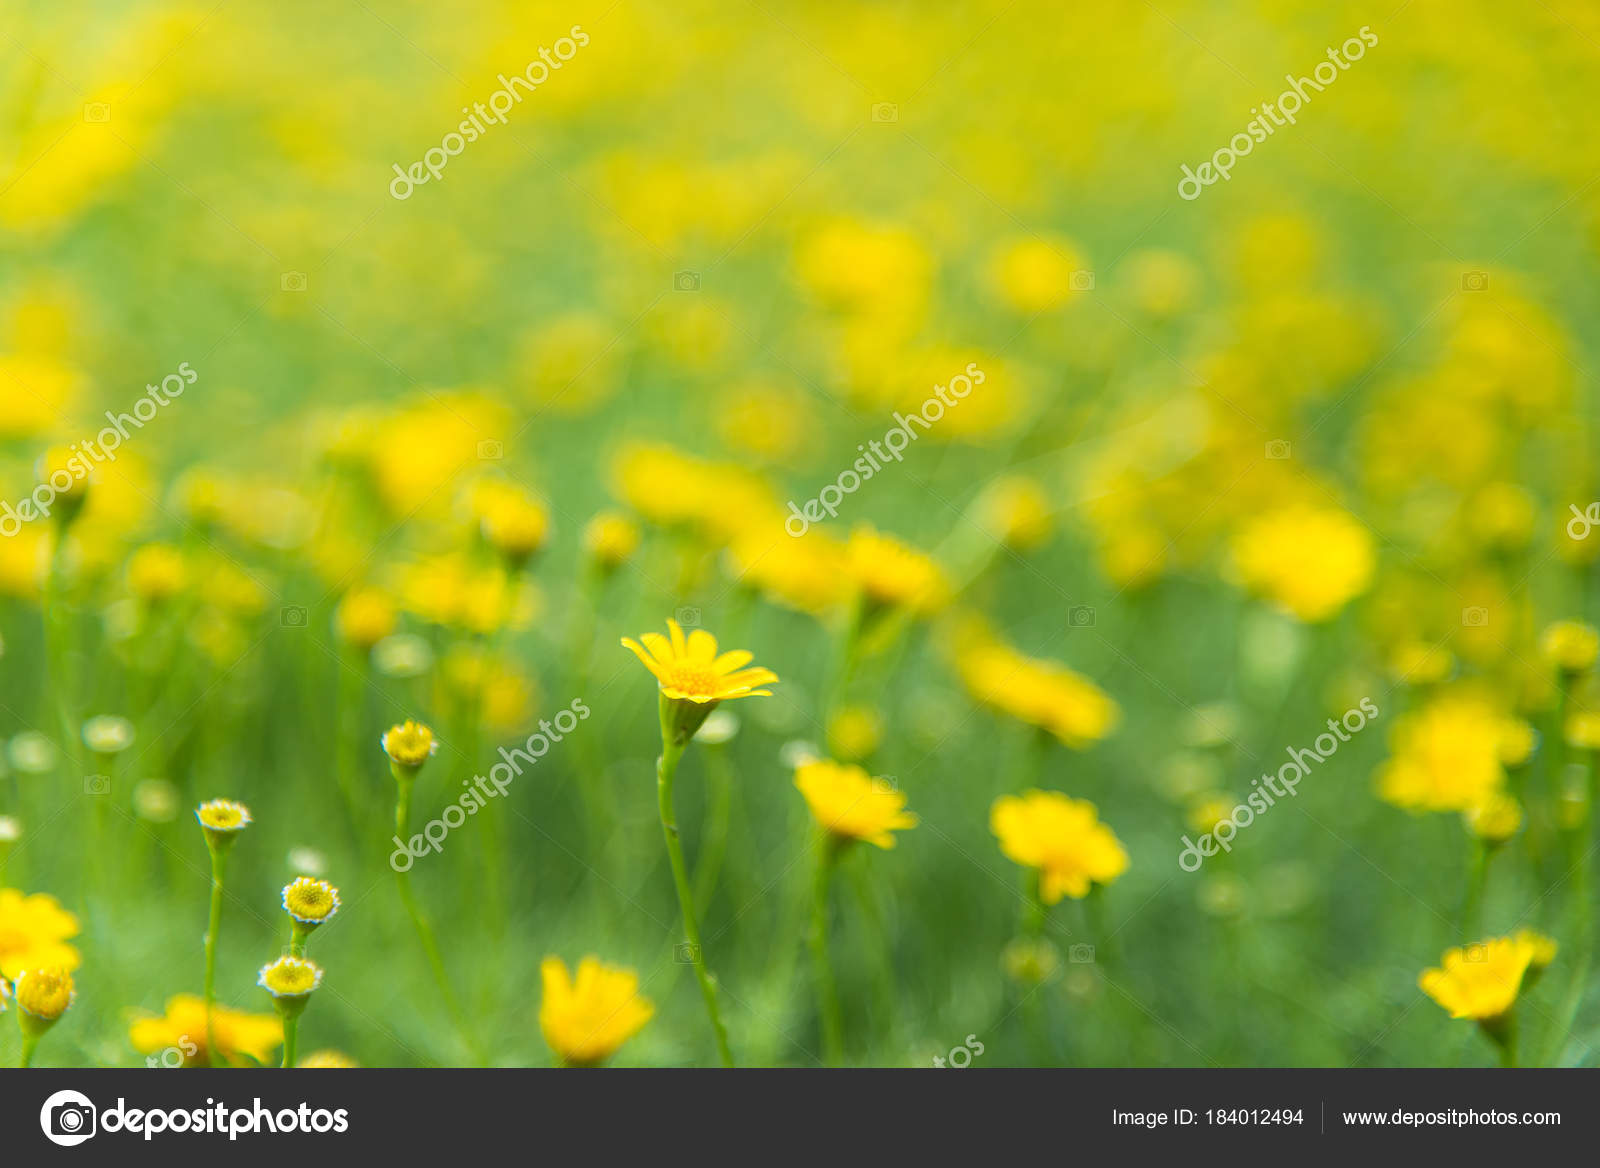 Фото зеленые листья желтые цветы